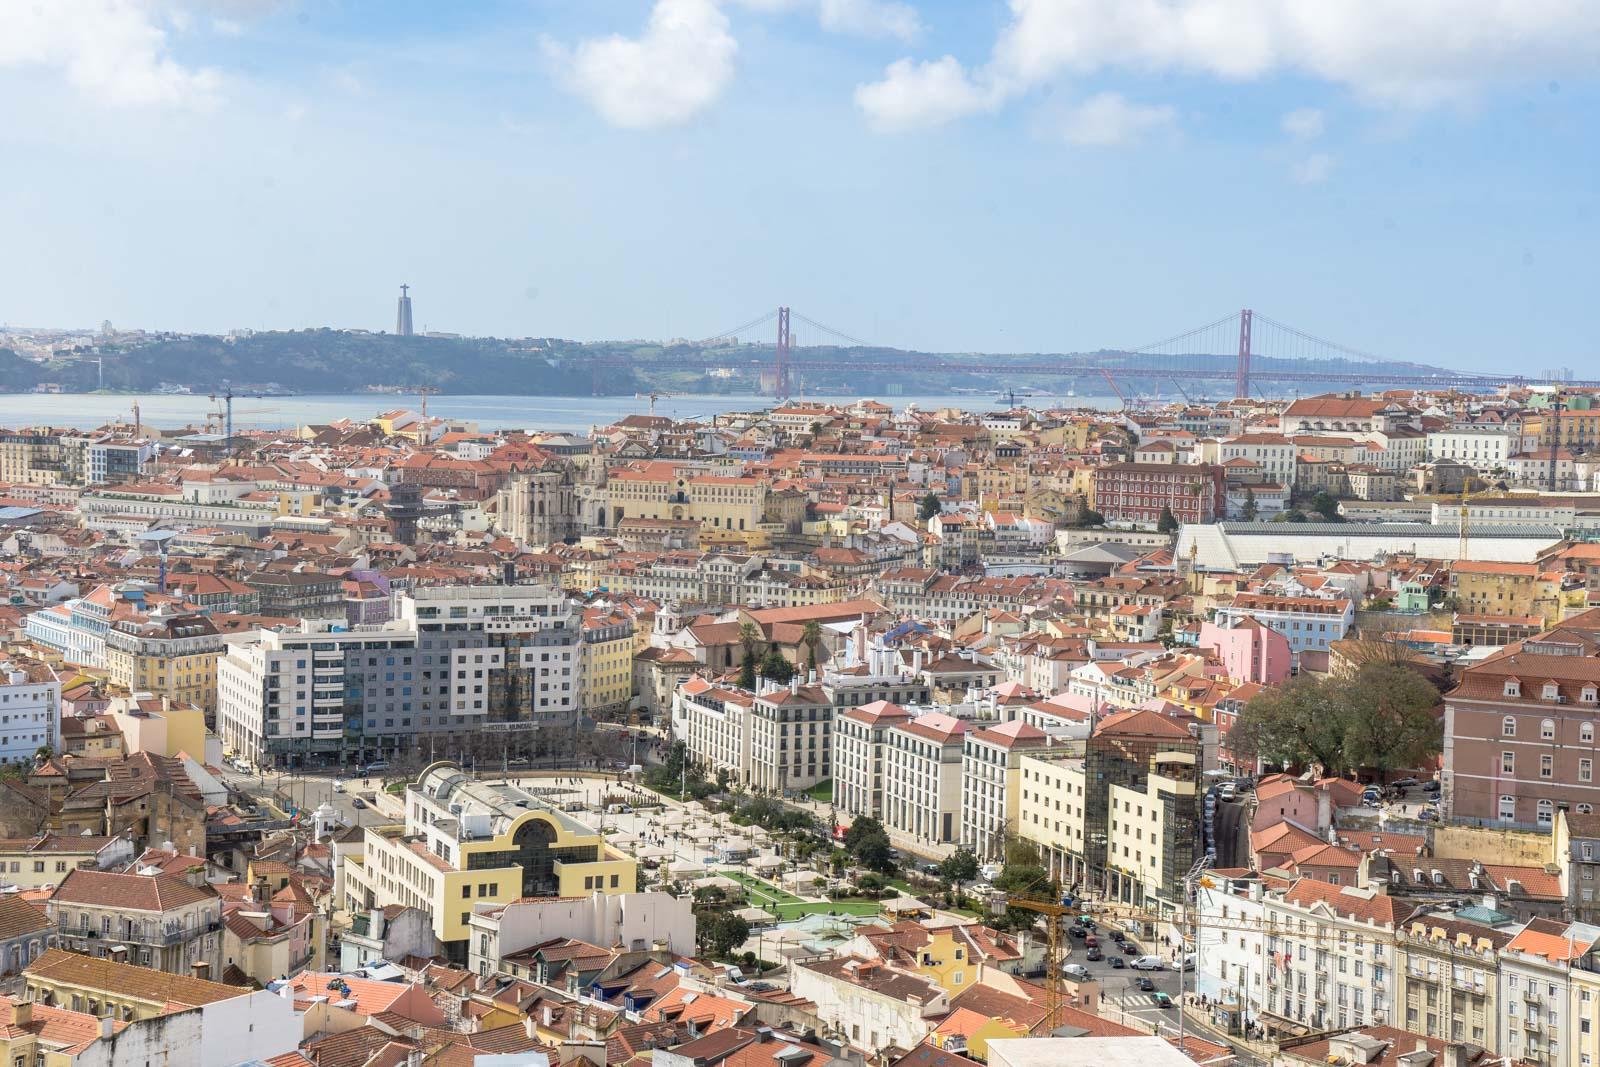 Viewpoint at Miradouro de Nossa Senhora do Monte, Graca, Lisbon